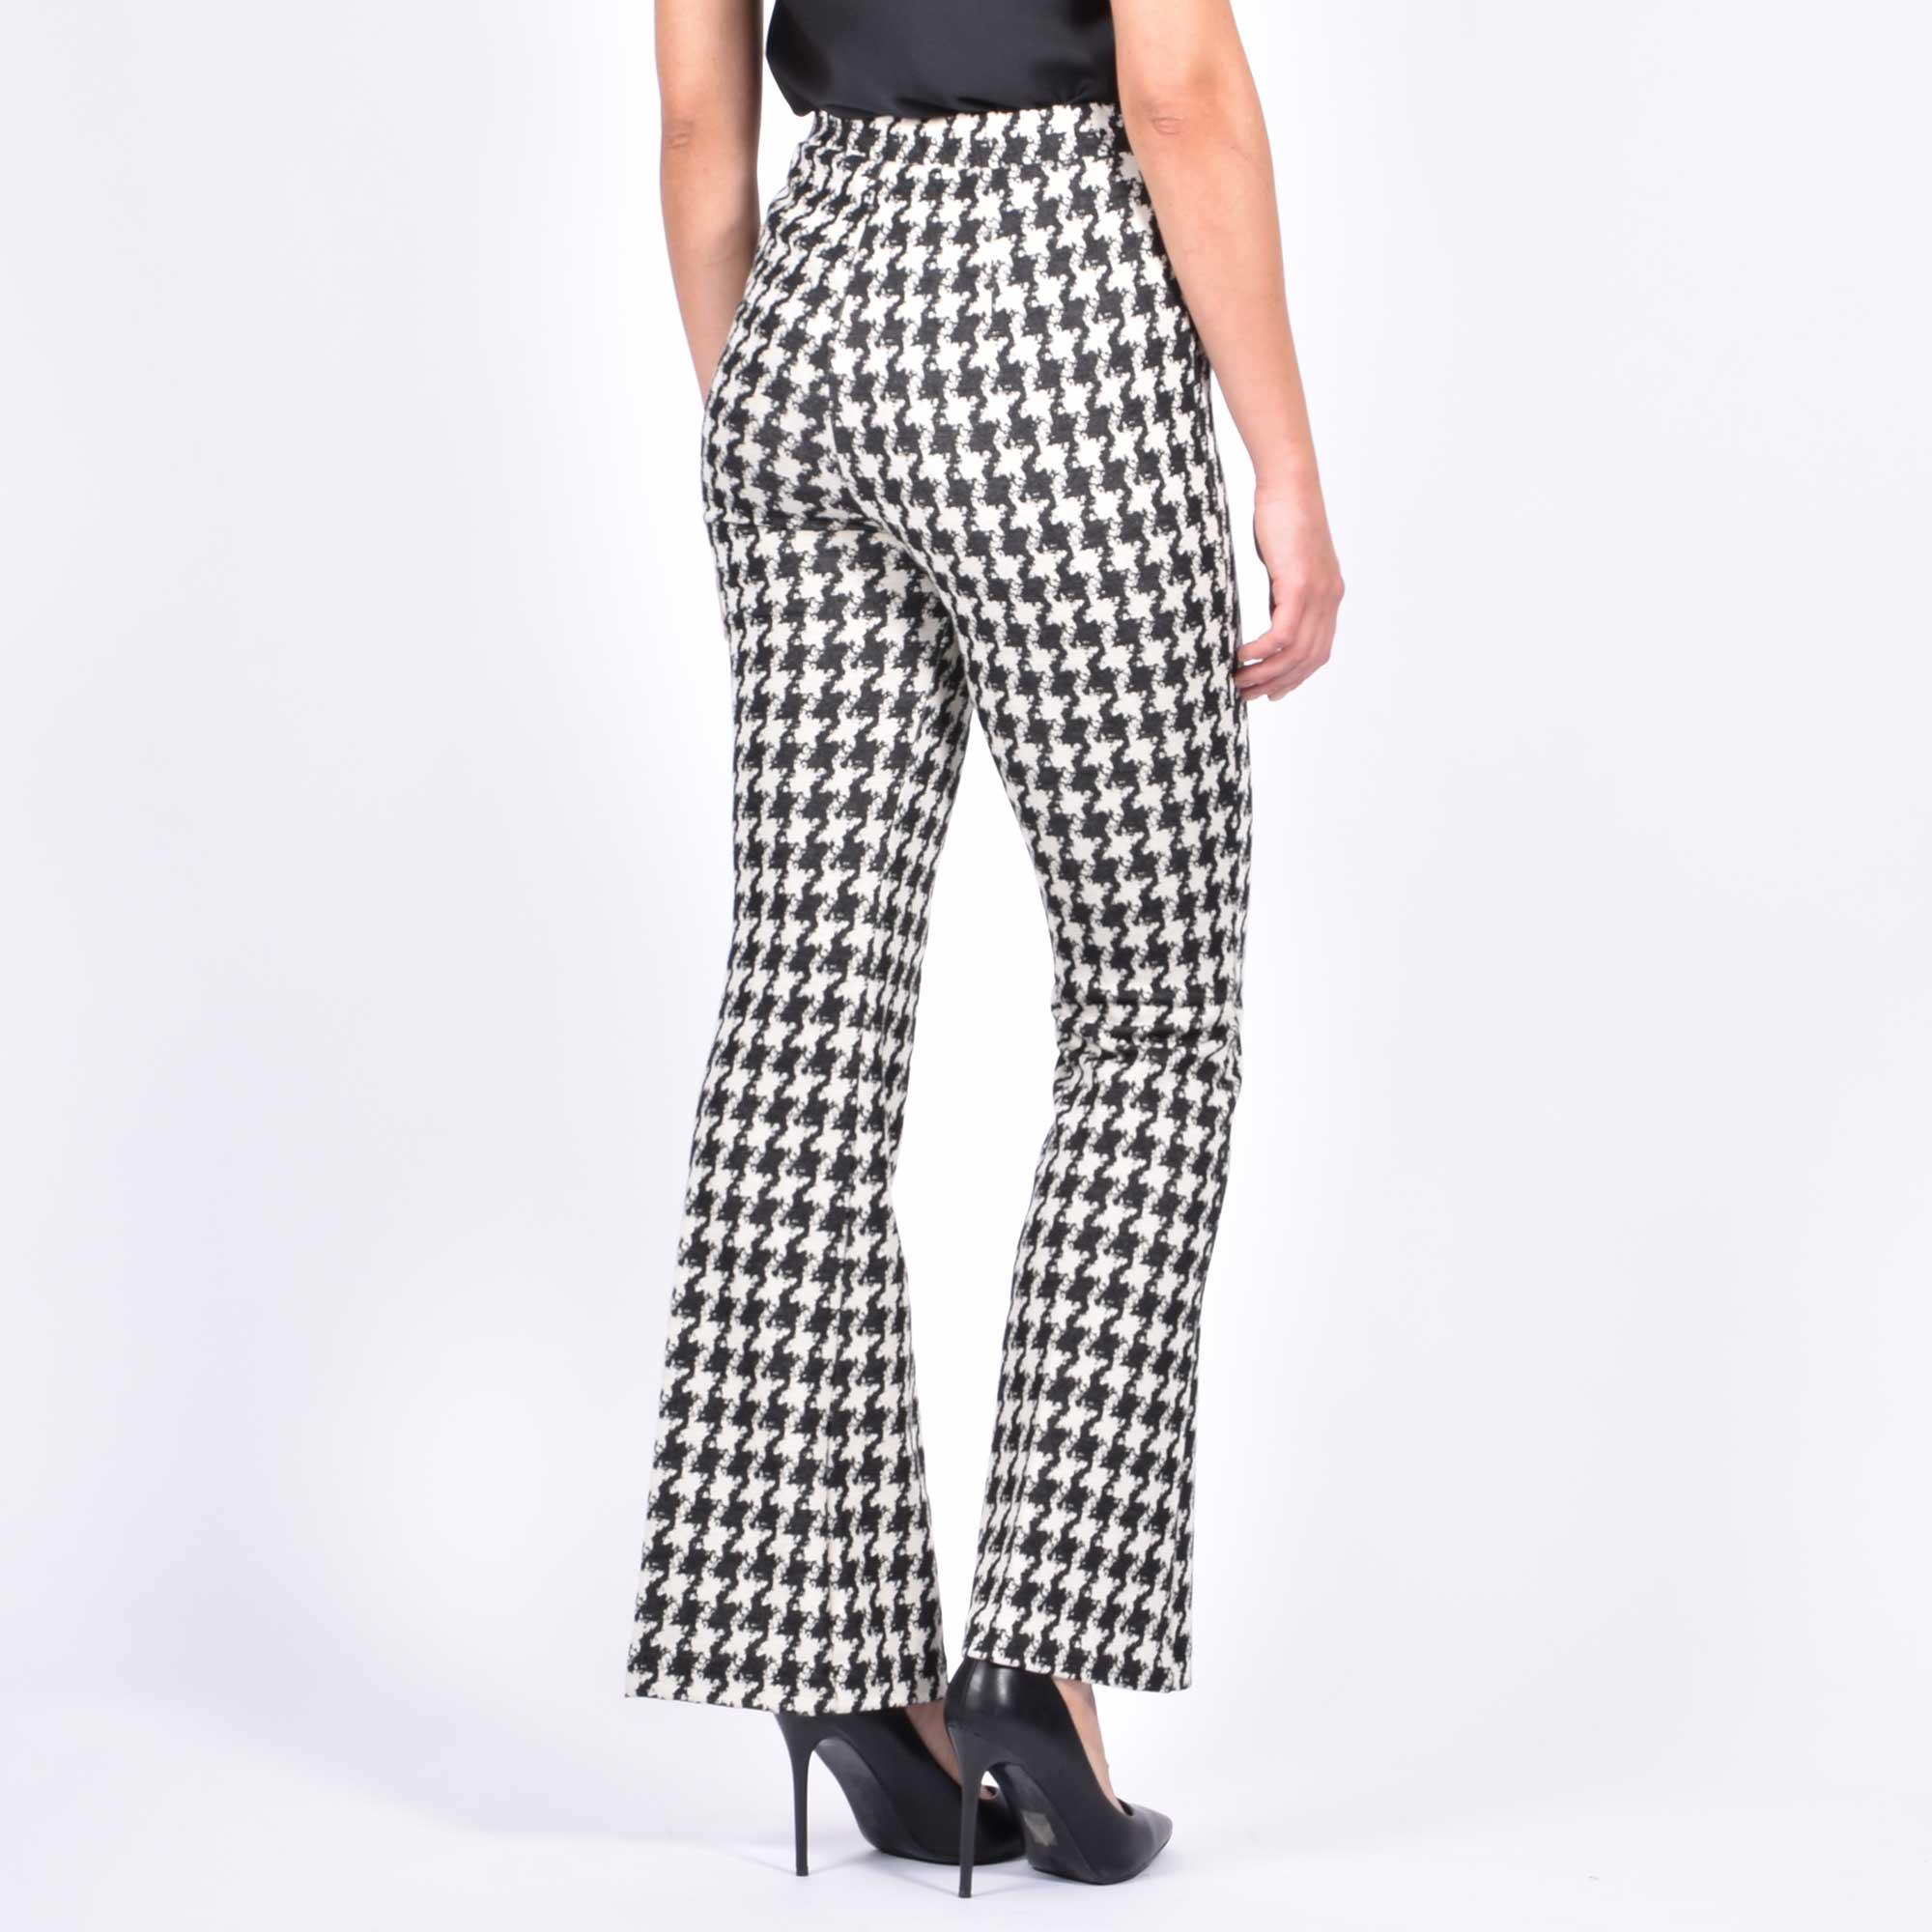 Pantalone pied de poule - Bianco/nero